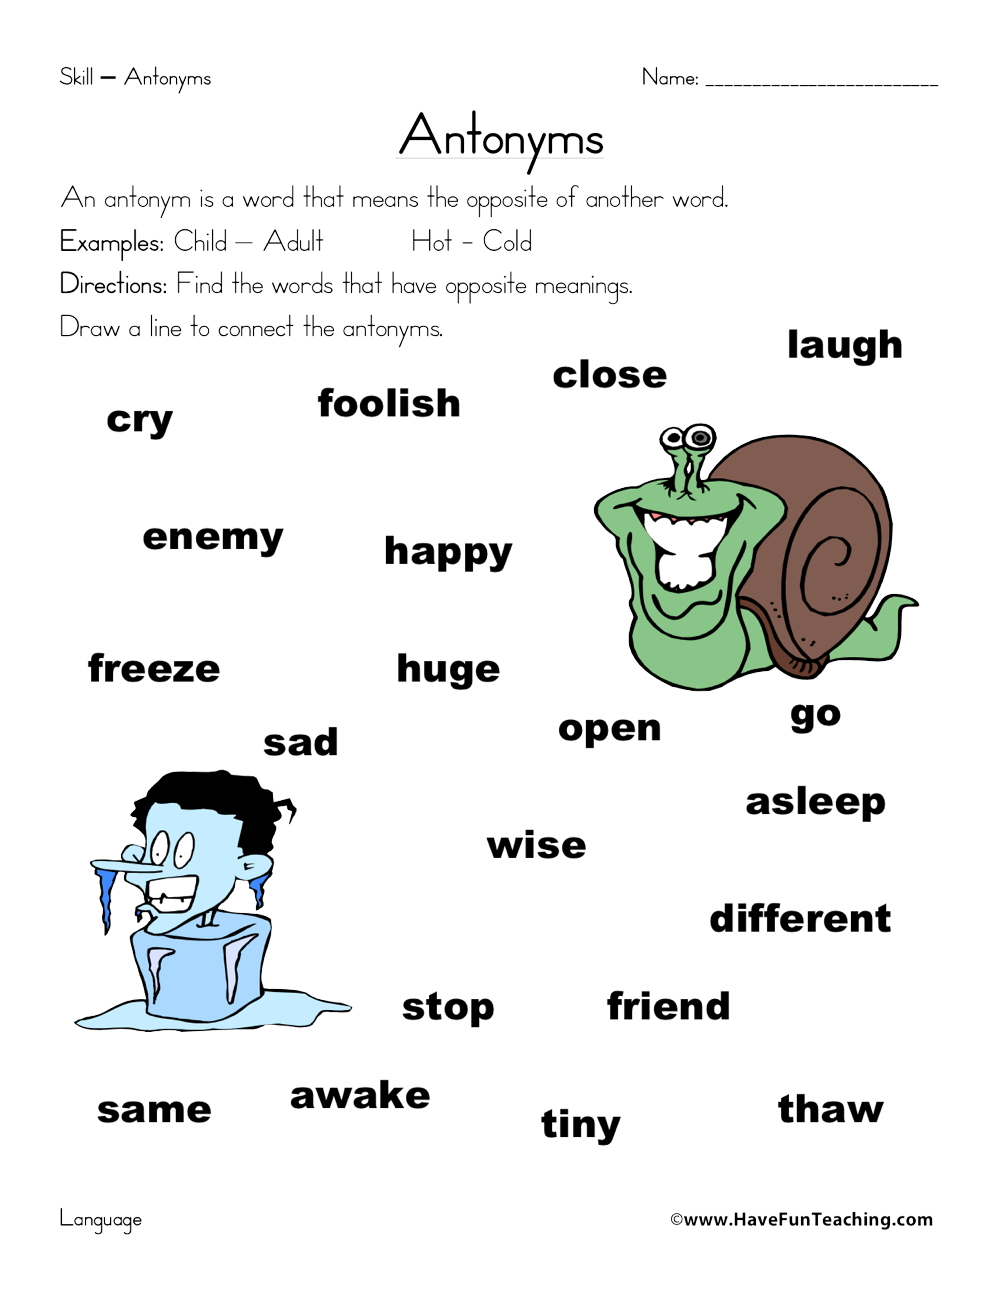 medium resolution of Antonym Matching Worksheet • Have Fun Teaching